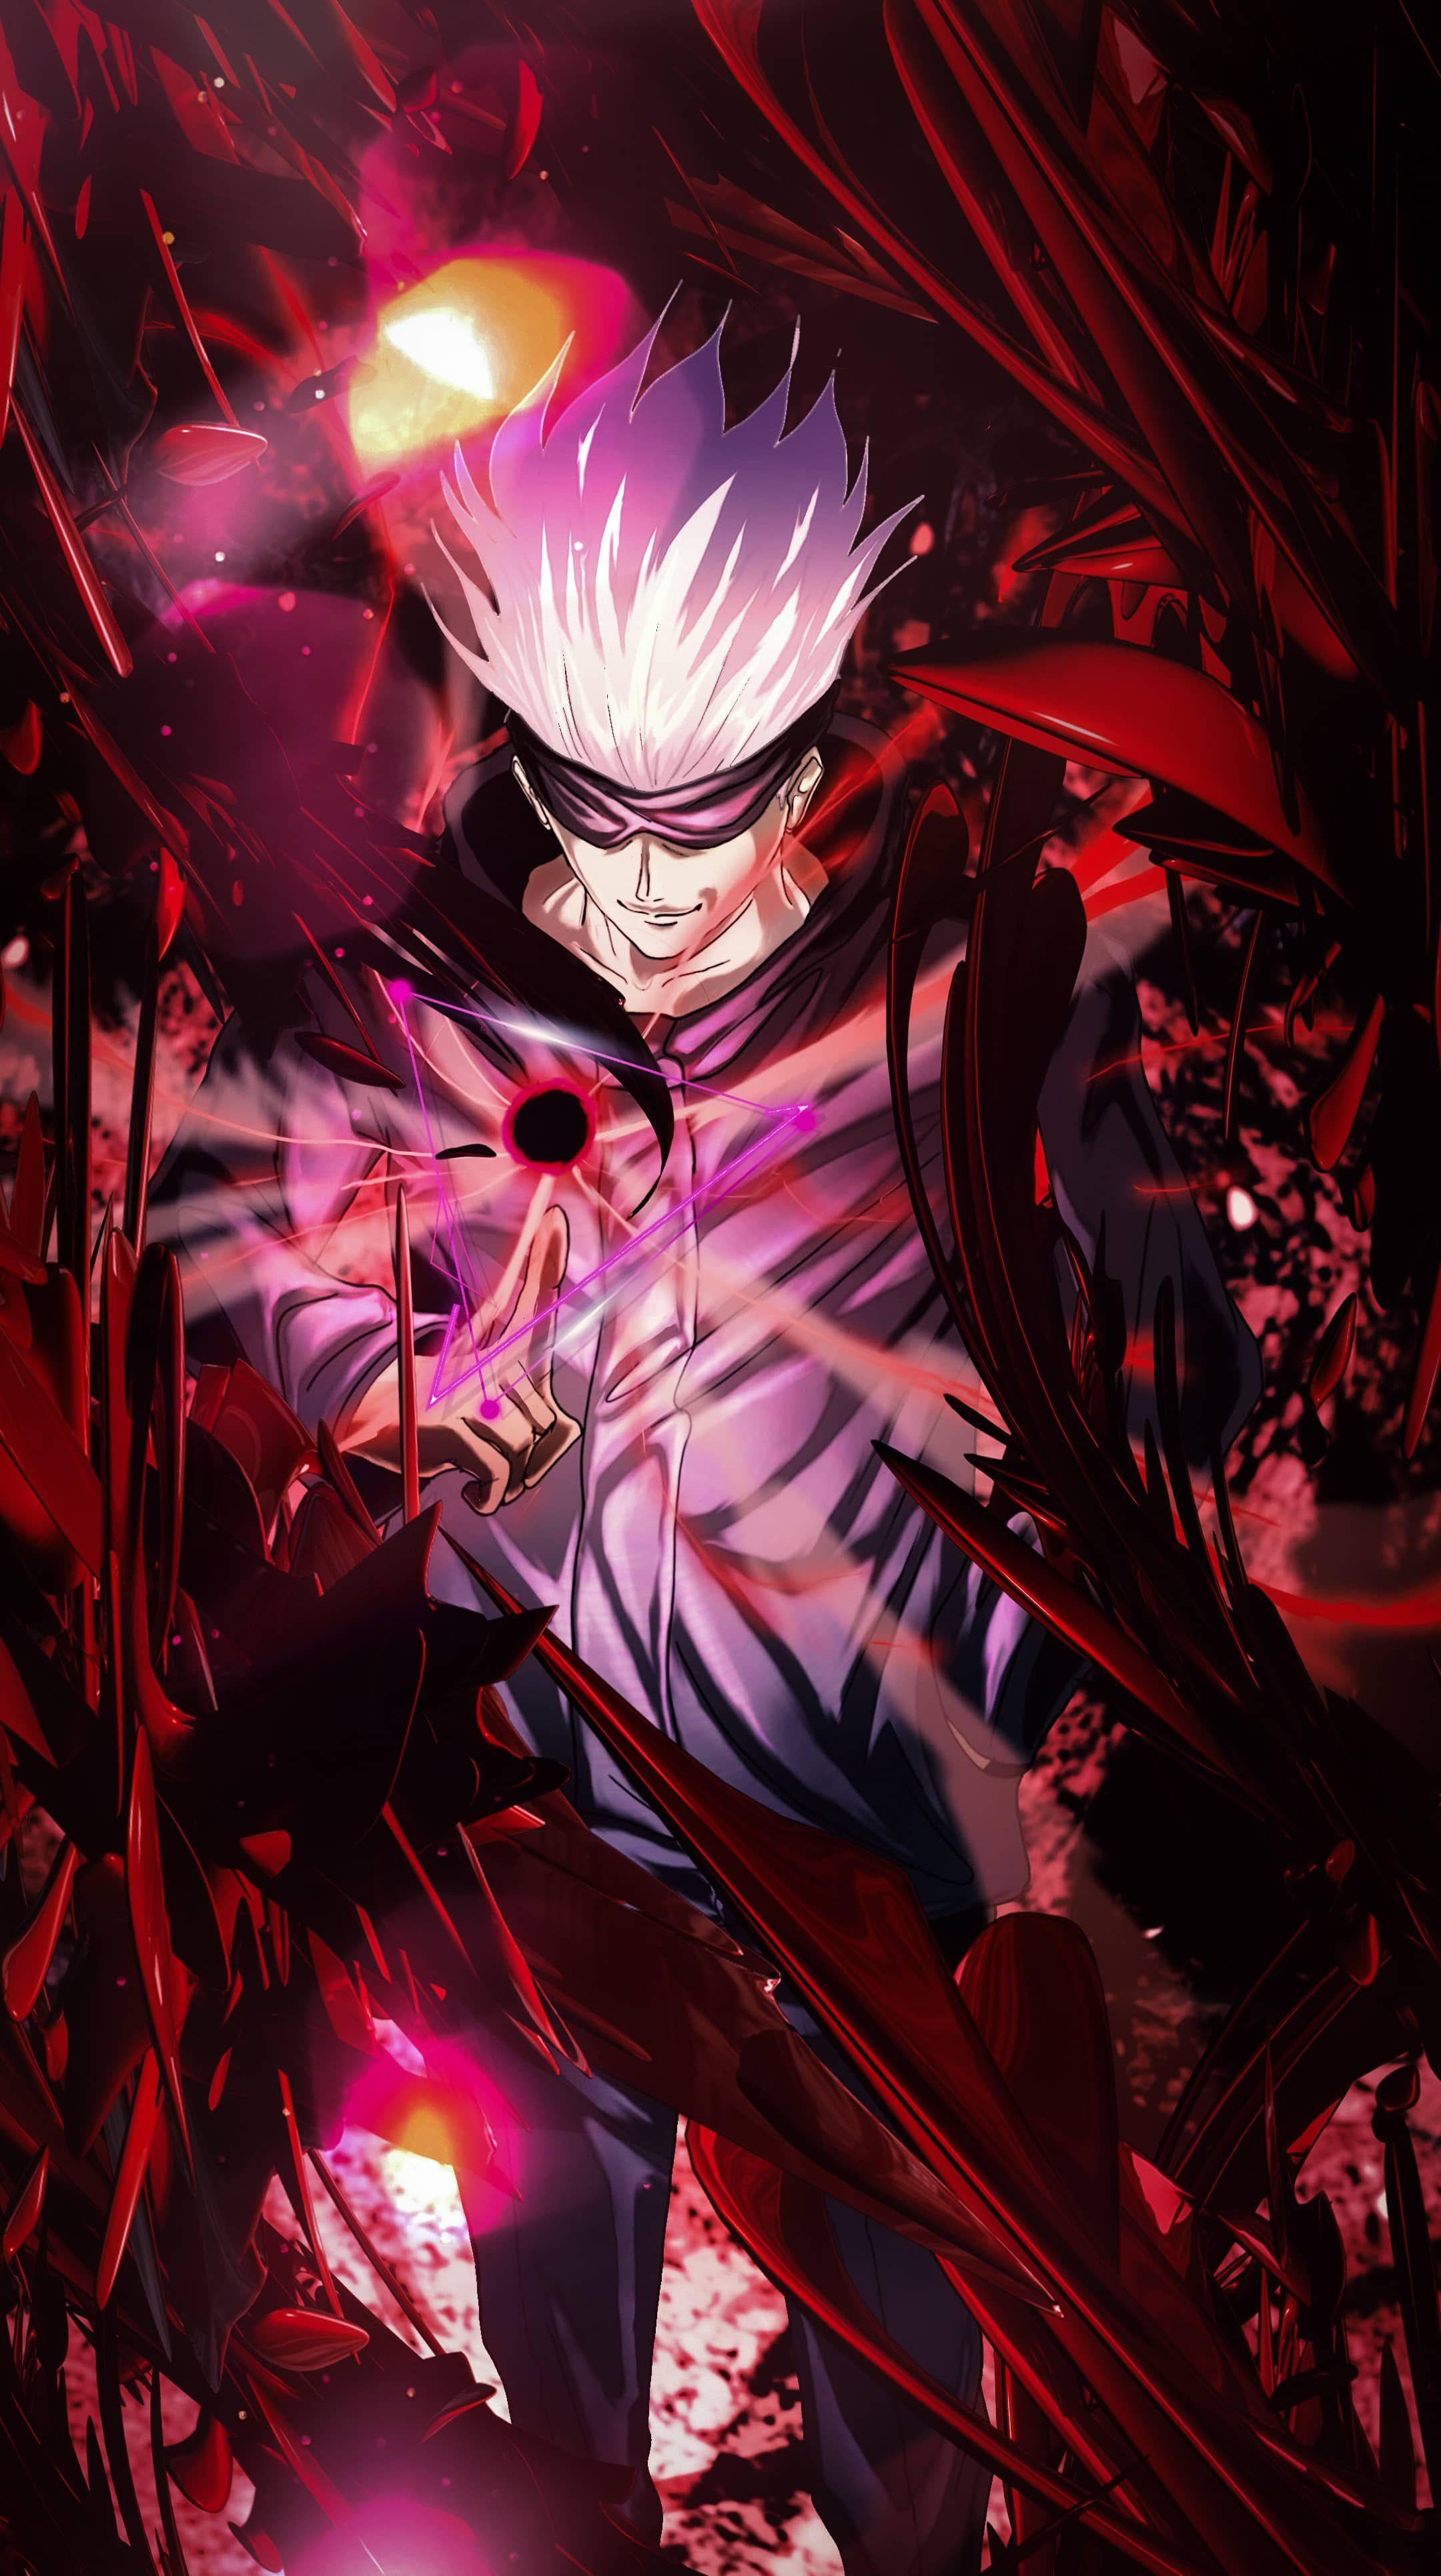 Jujutsu Kaisen Satoru Gojo Attack 4k Vertical Wallpaper In 2021 Jujutsu Cool Anime Pictures Anime Wallpaper Phone